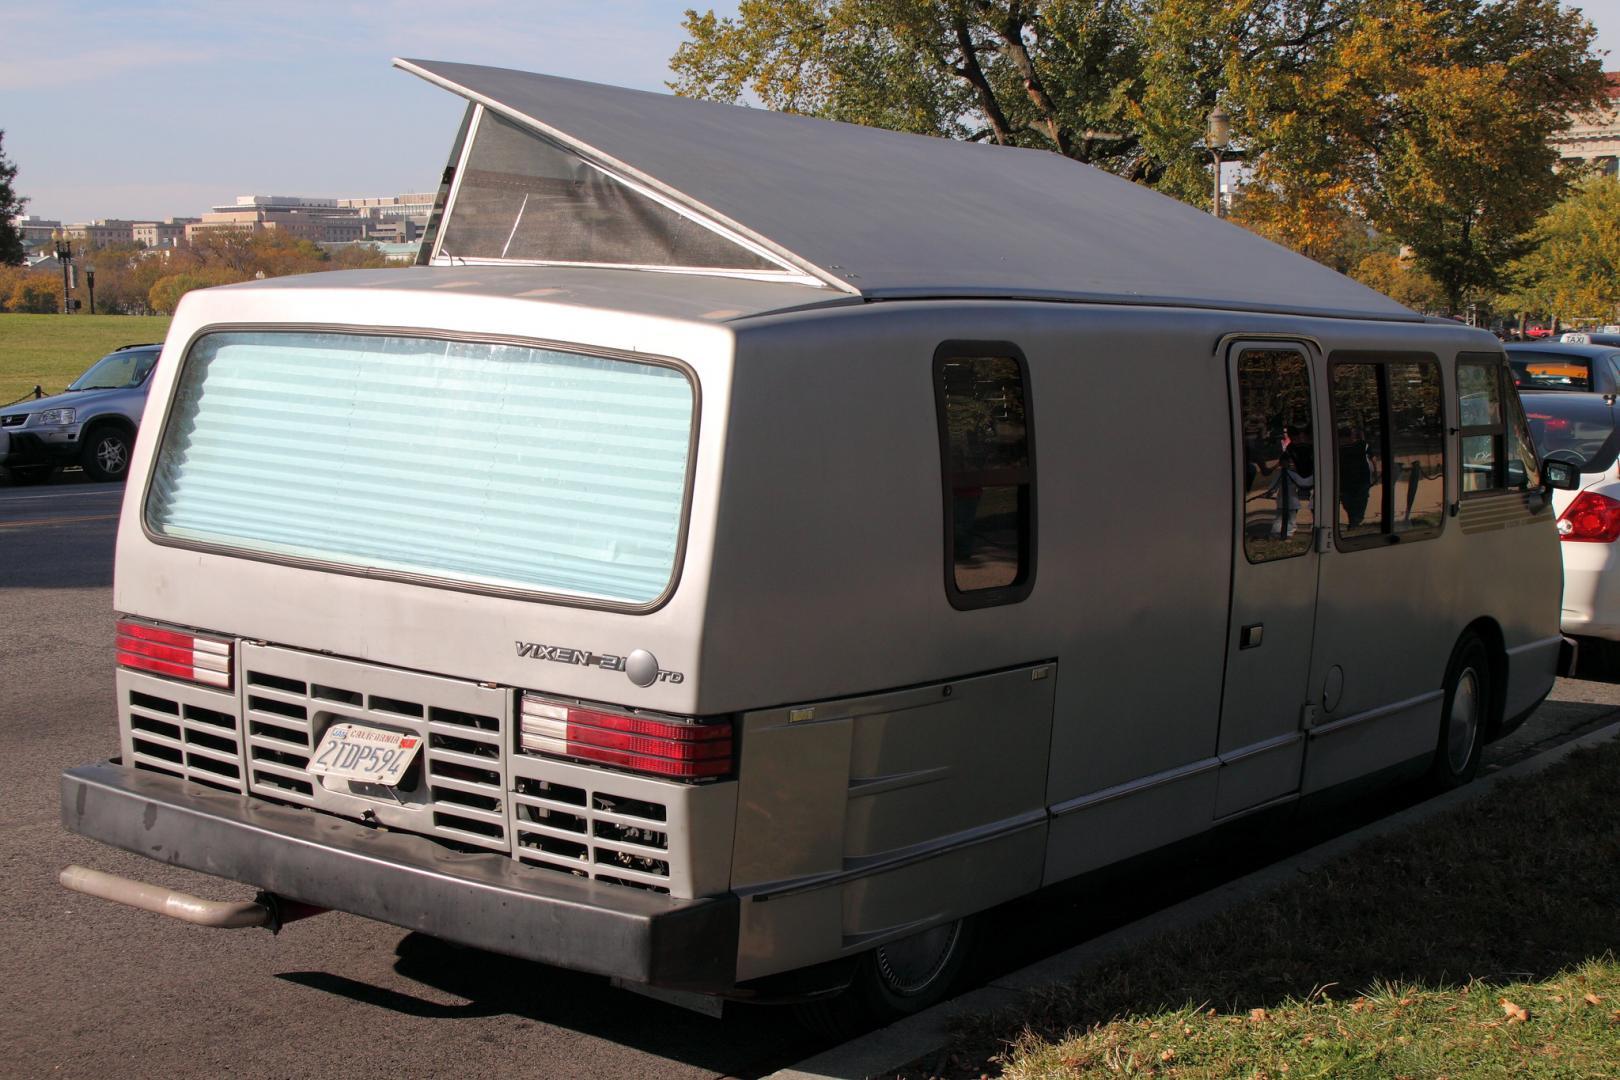 Vixen 21: coolest camper